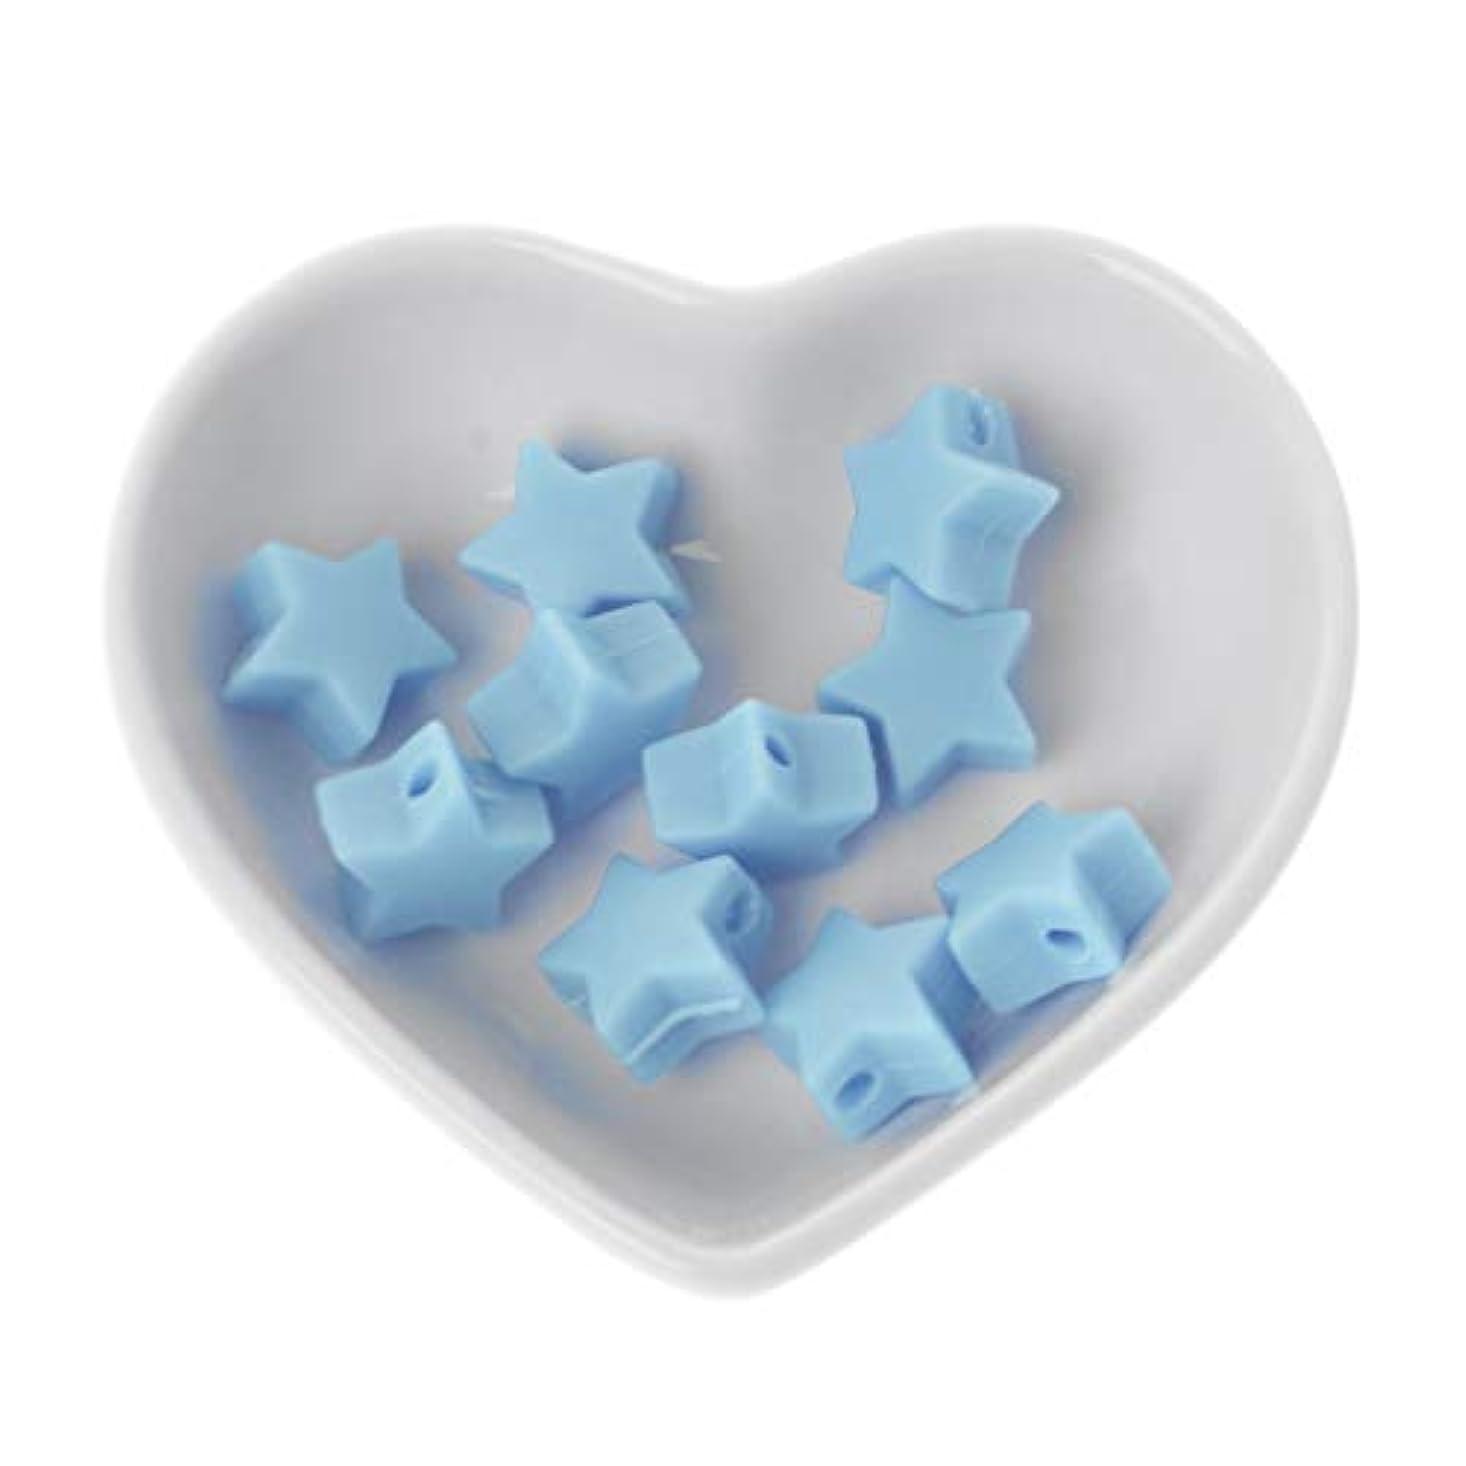 以内に便益感情のLANDUM 10個シリコーンビーズ15mmスターシリカティーザービーズの赤ちゃんのおもちゃDIYおしゃぶりチェーンアクセサリー - アップルグリーン